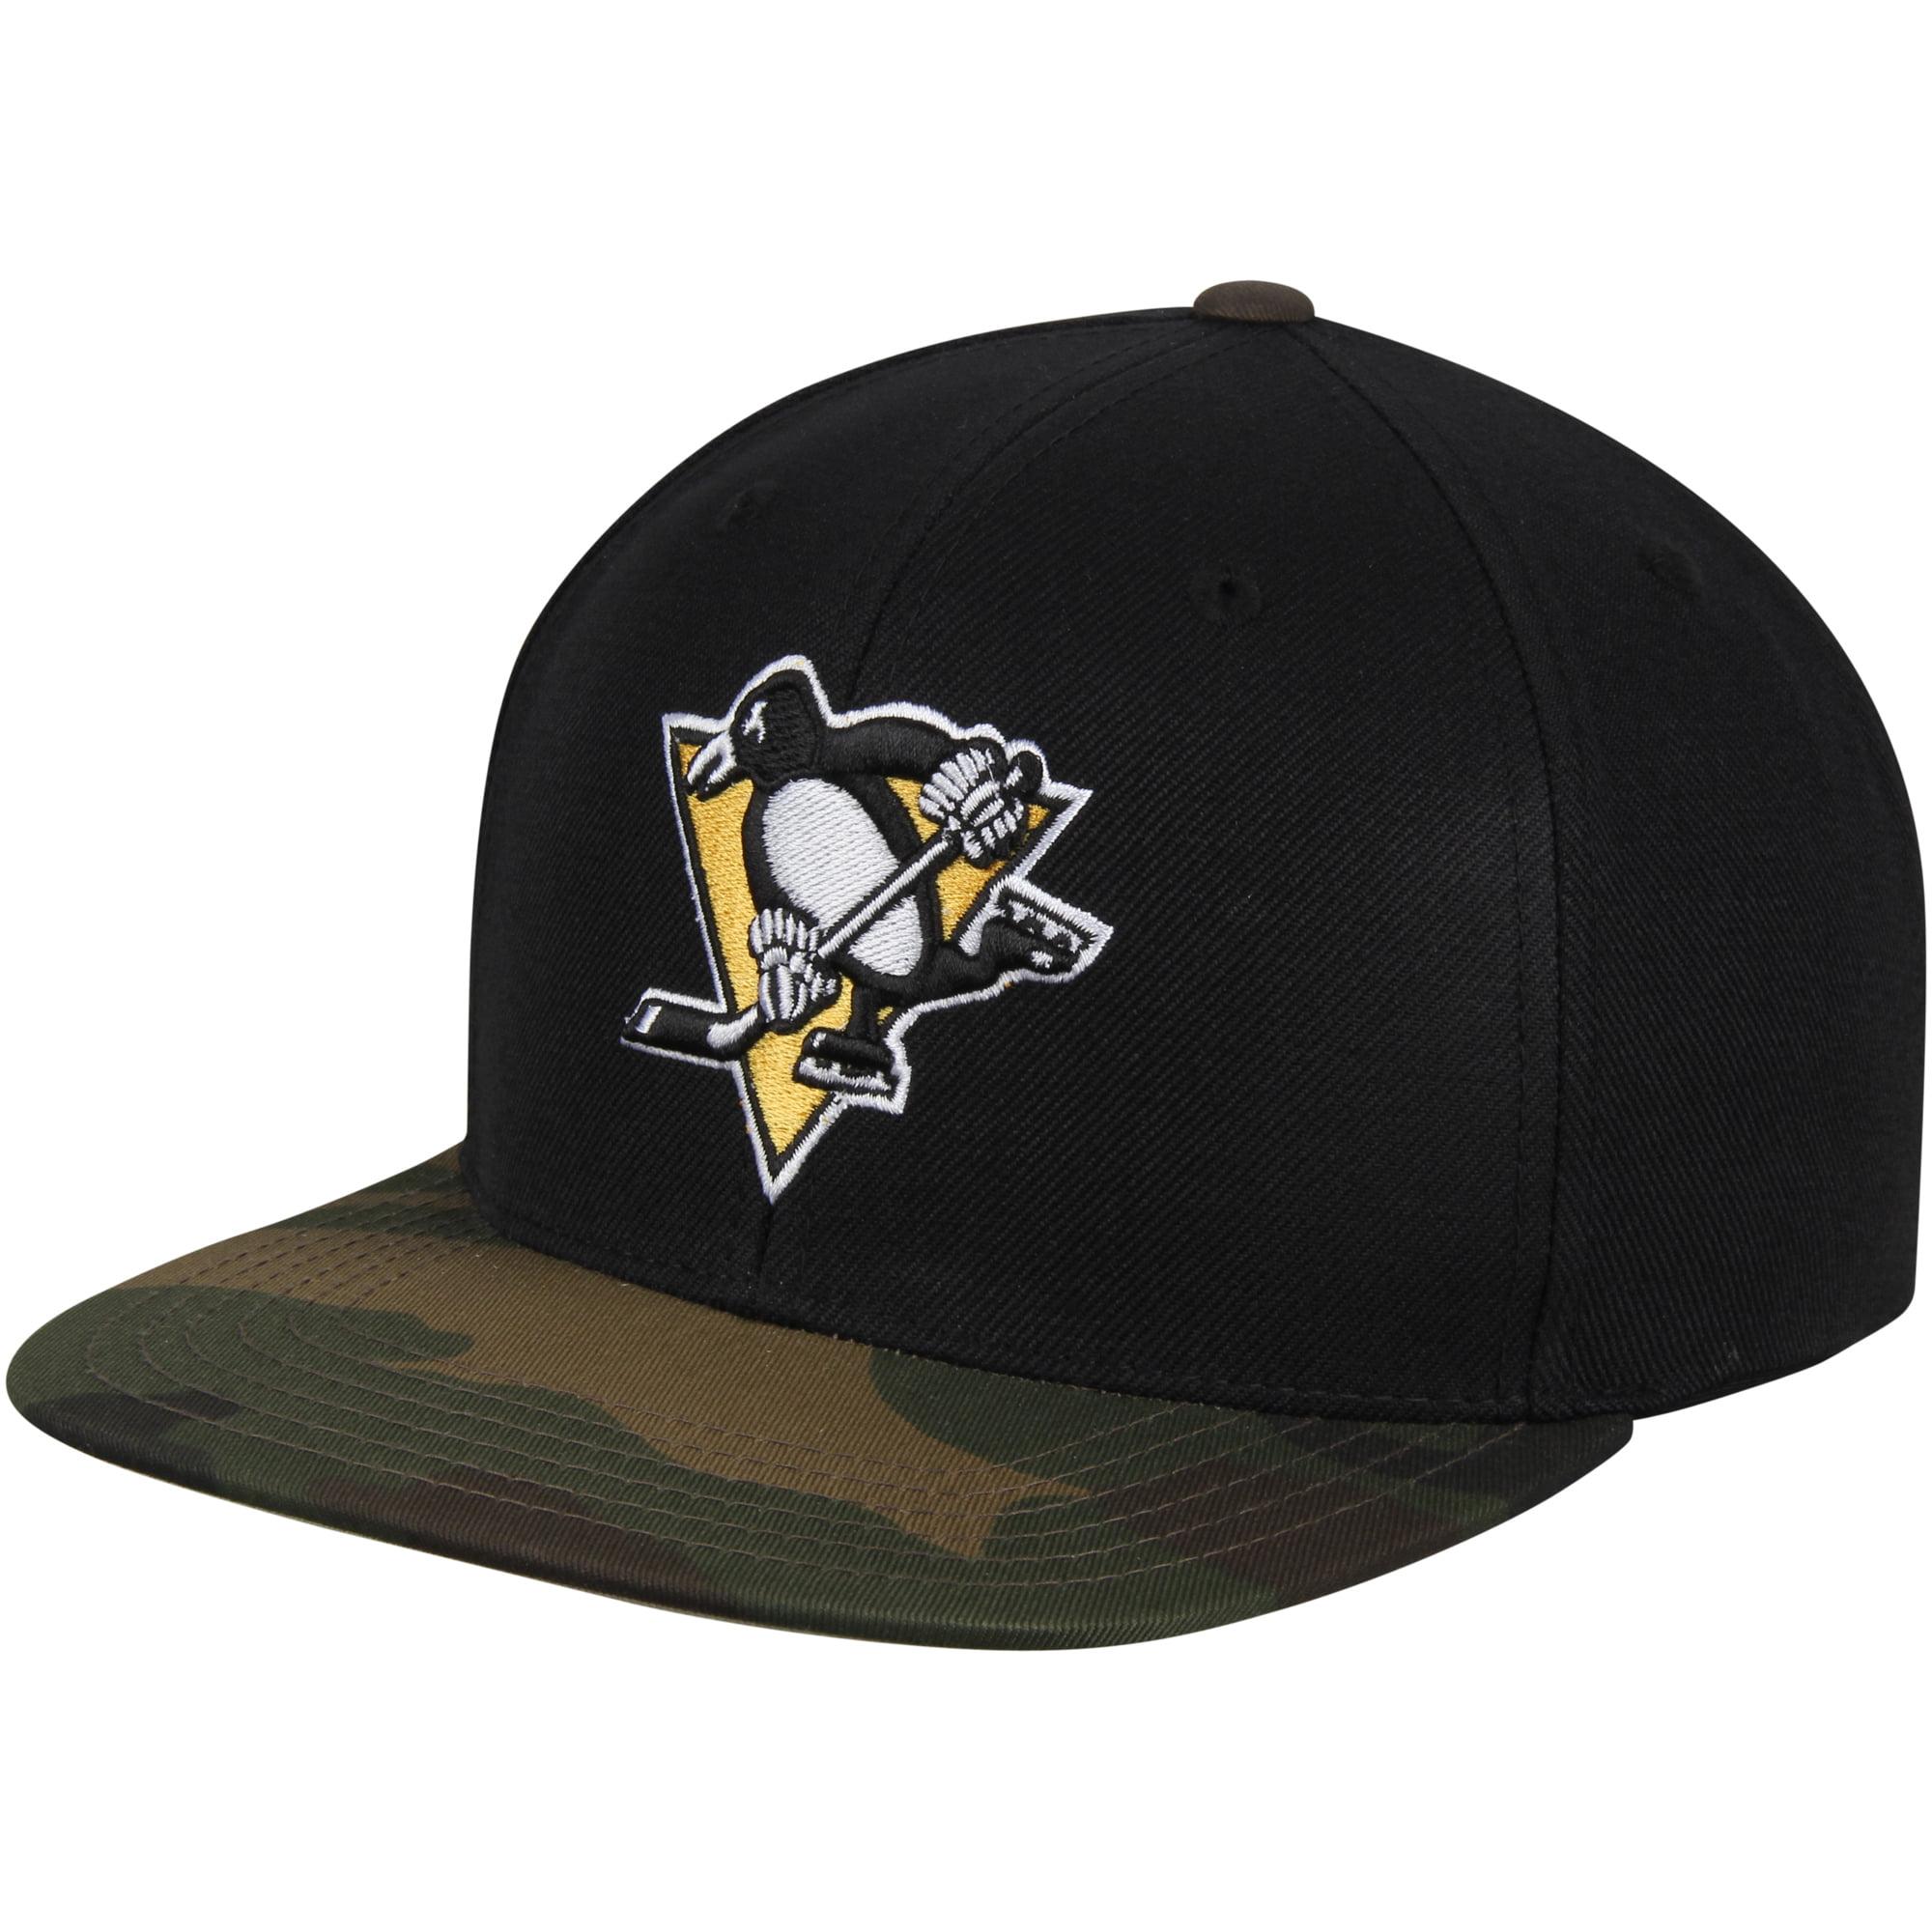 Pittsburgh Penguins American Needle Sundown Snapback Adjustable Hat - Black - OSFA